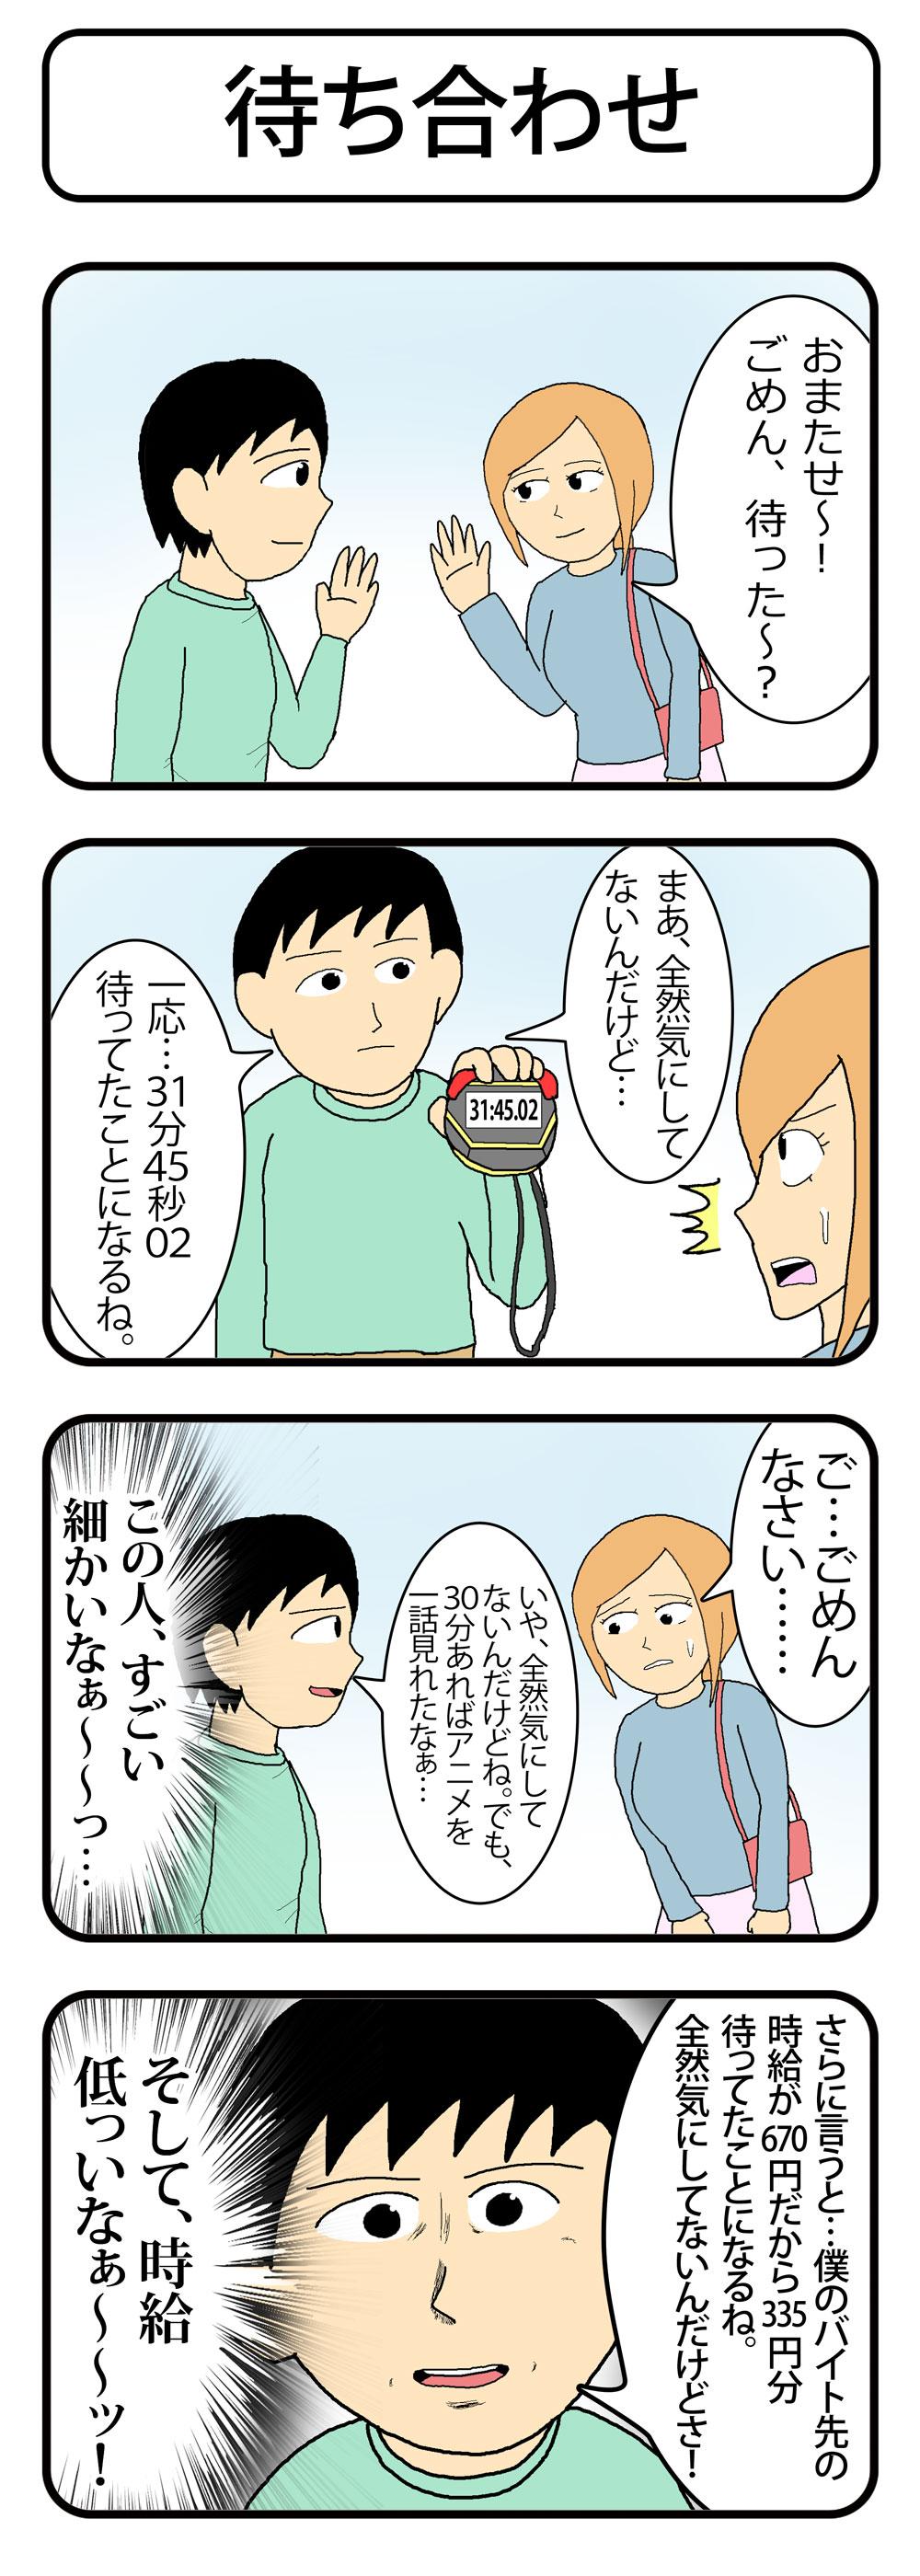 ②待ち合わせc3